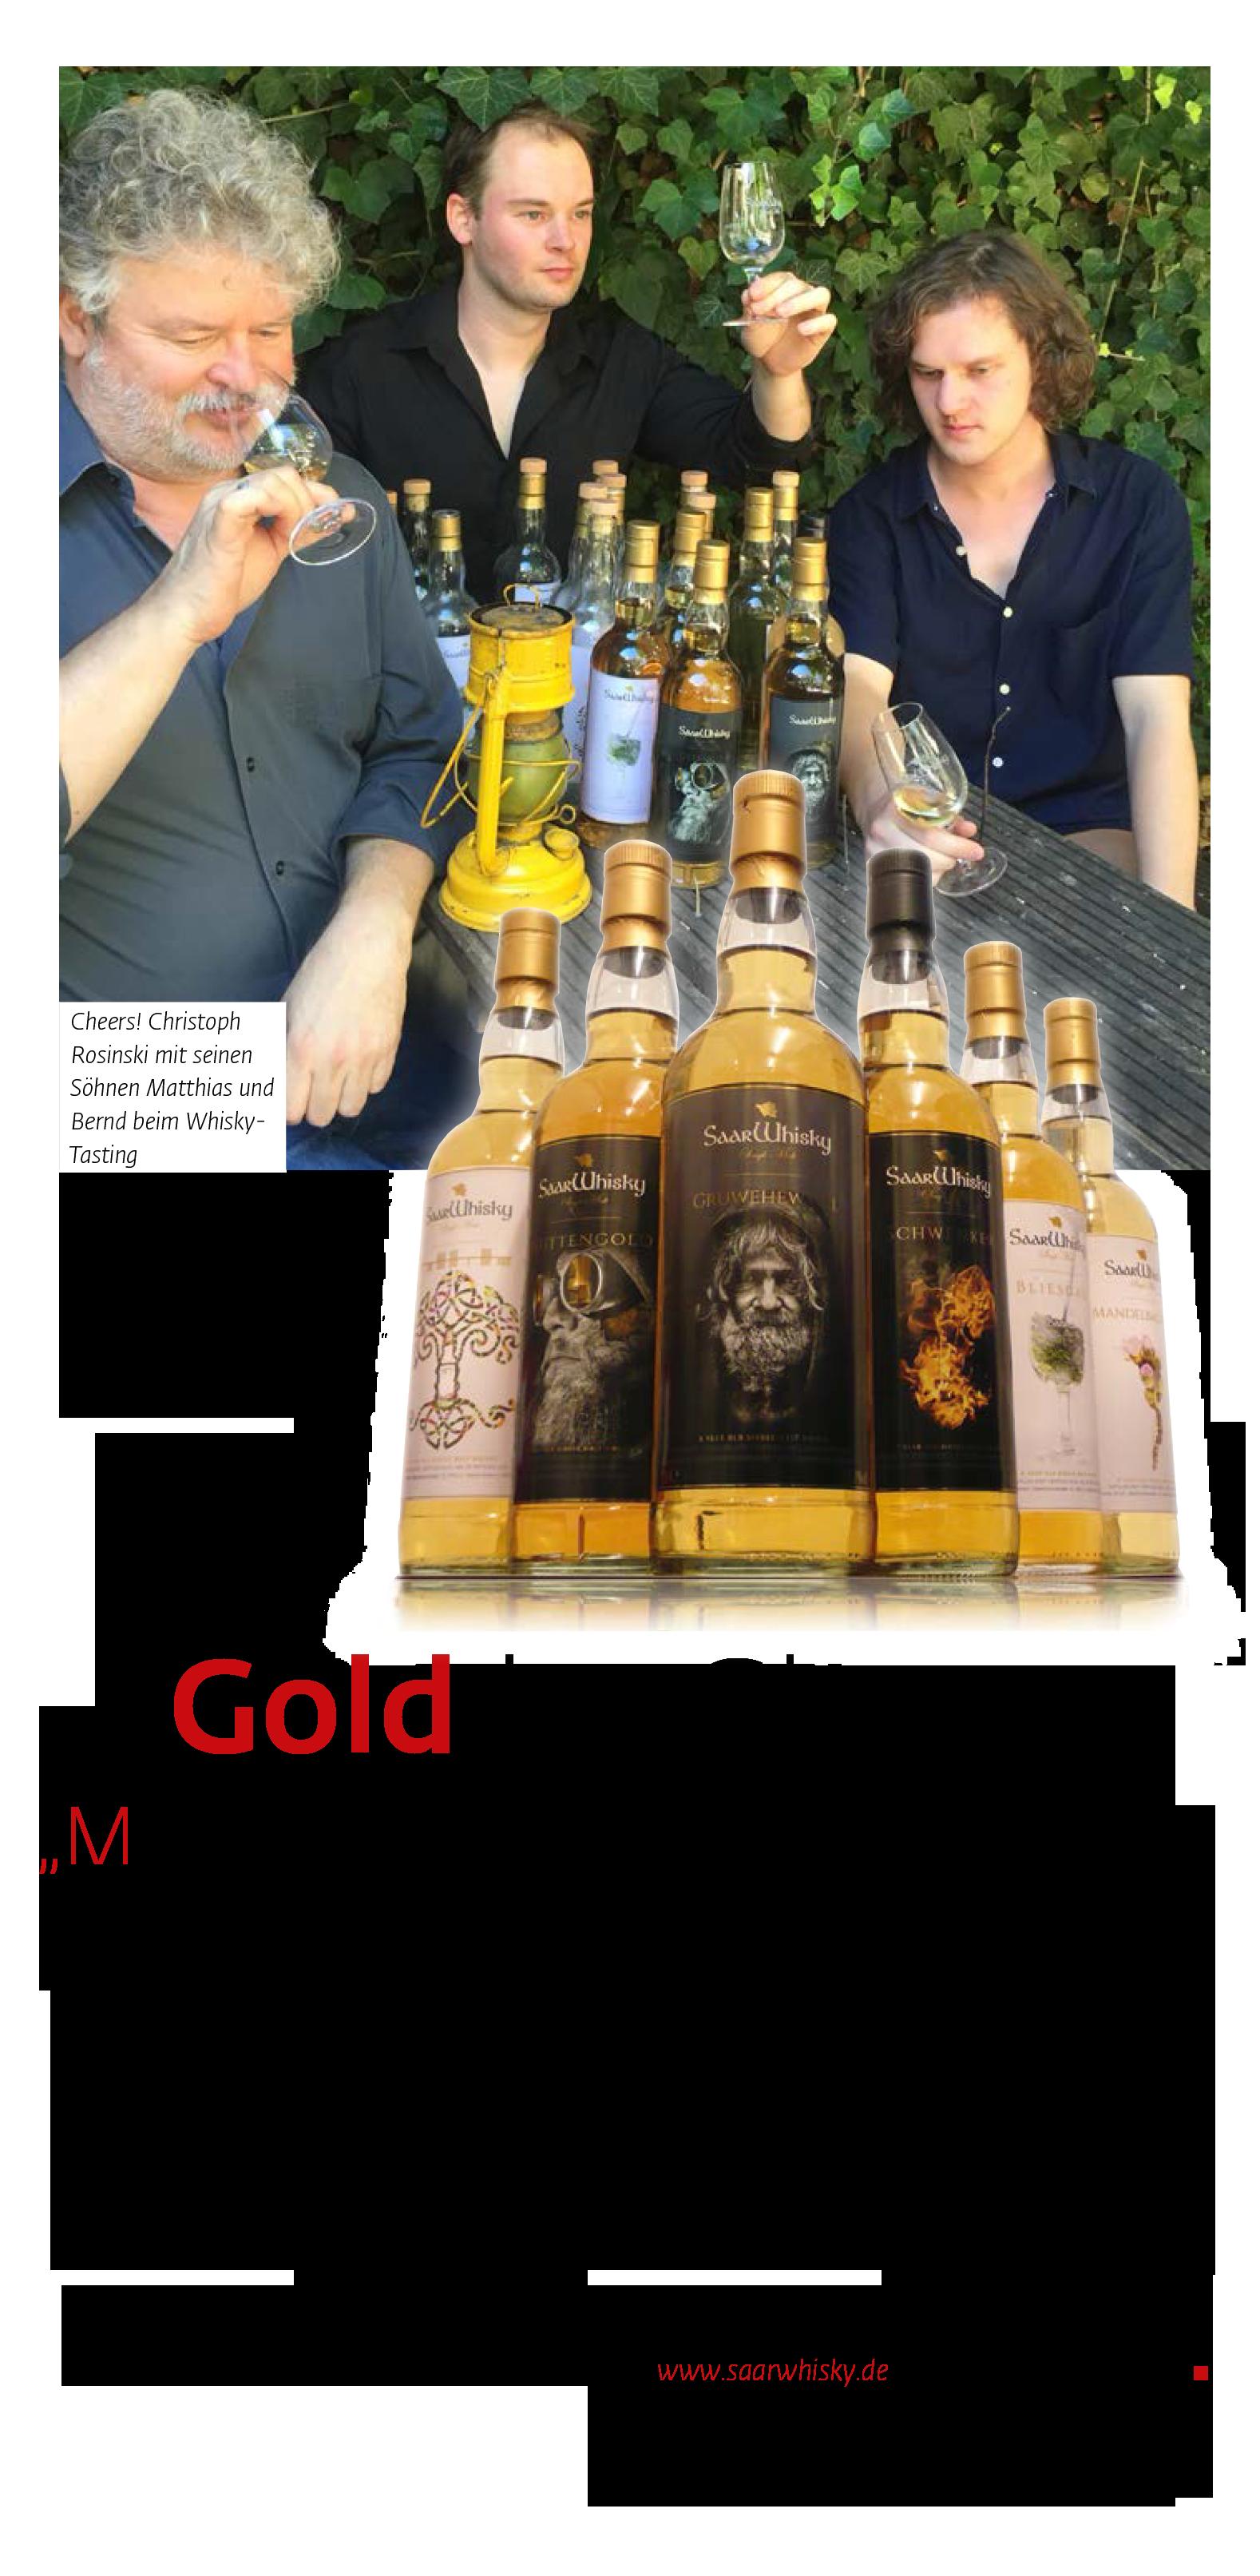 023_REGION_E_Whisky_k1